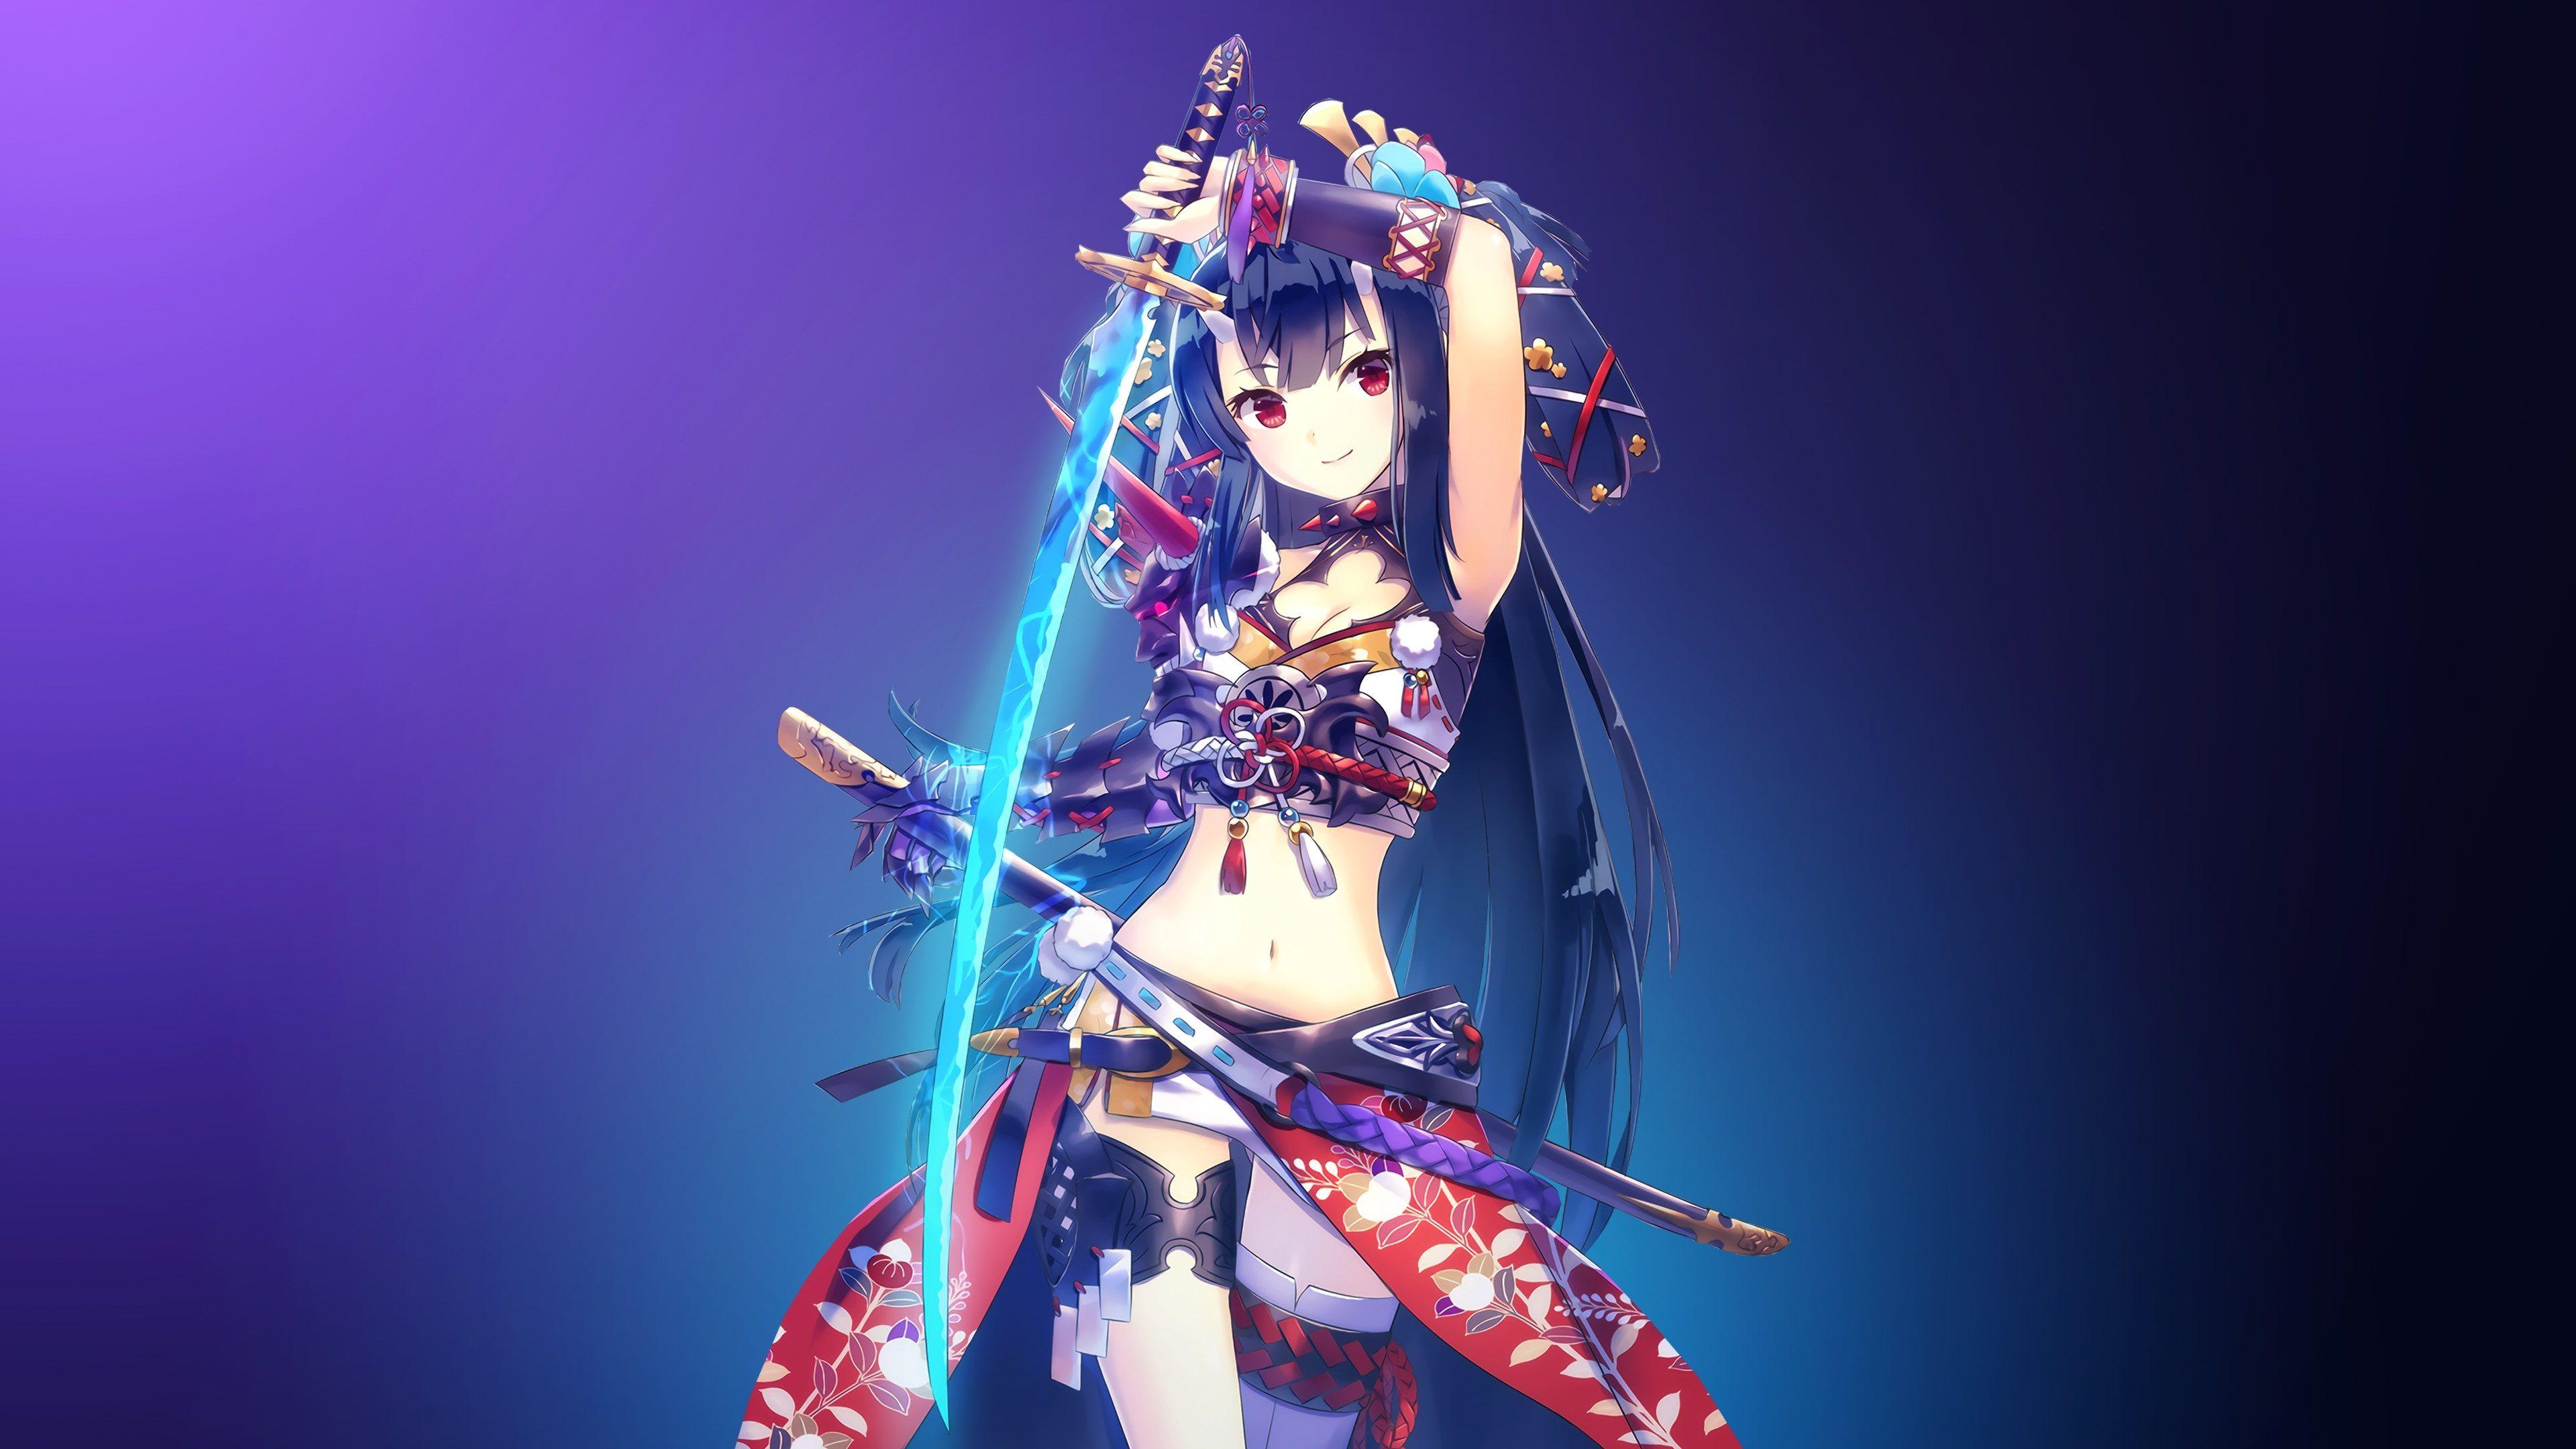 3840x2160 Warrior Girl 4k Free Full Hd Wallpaper Anime Warrior Anime Warrior Girl Anime